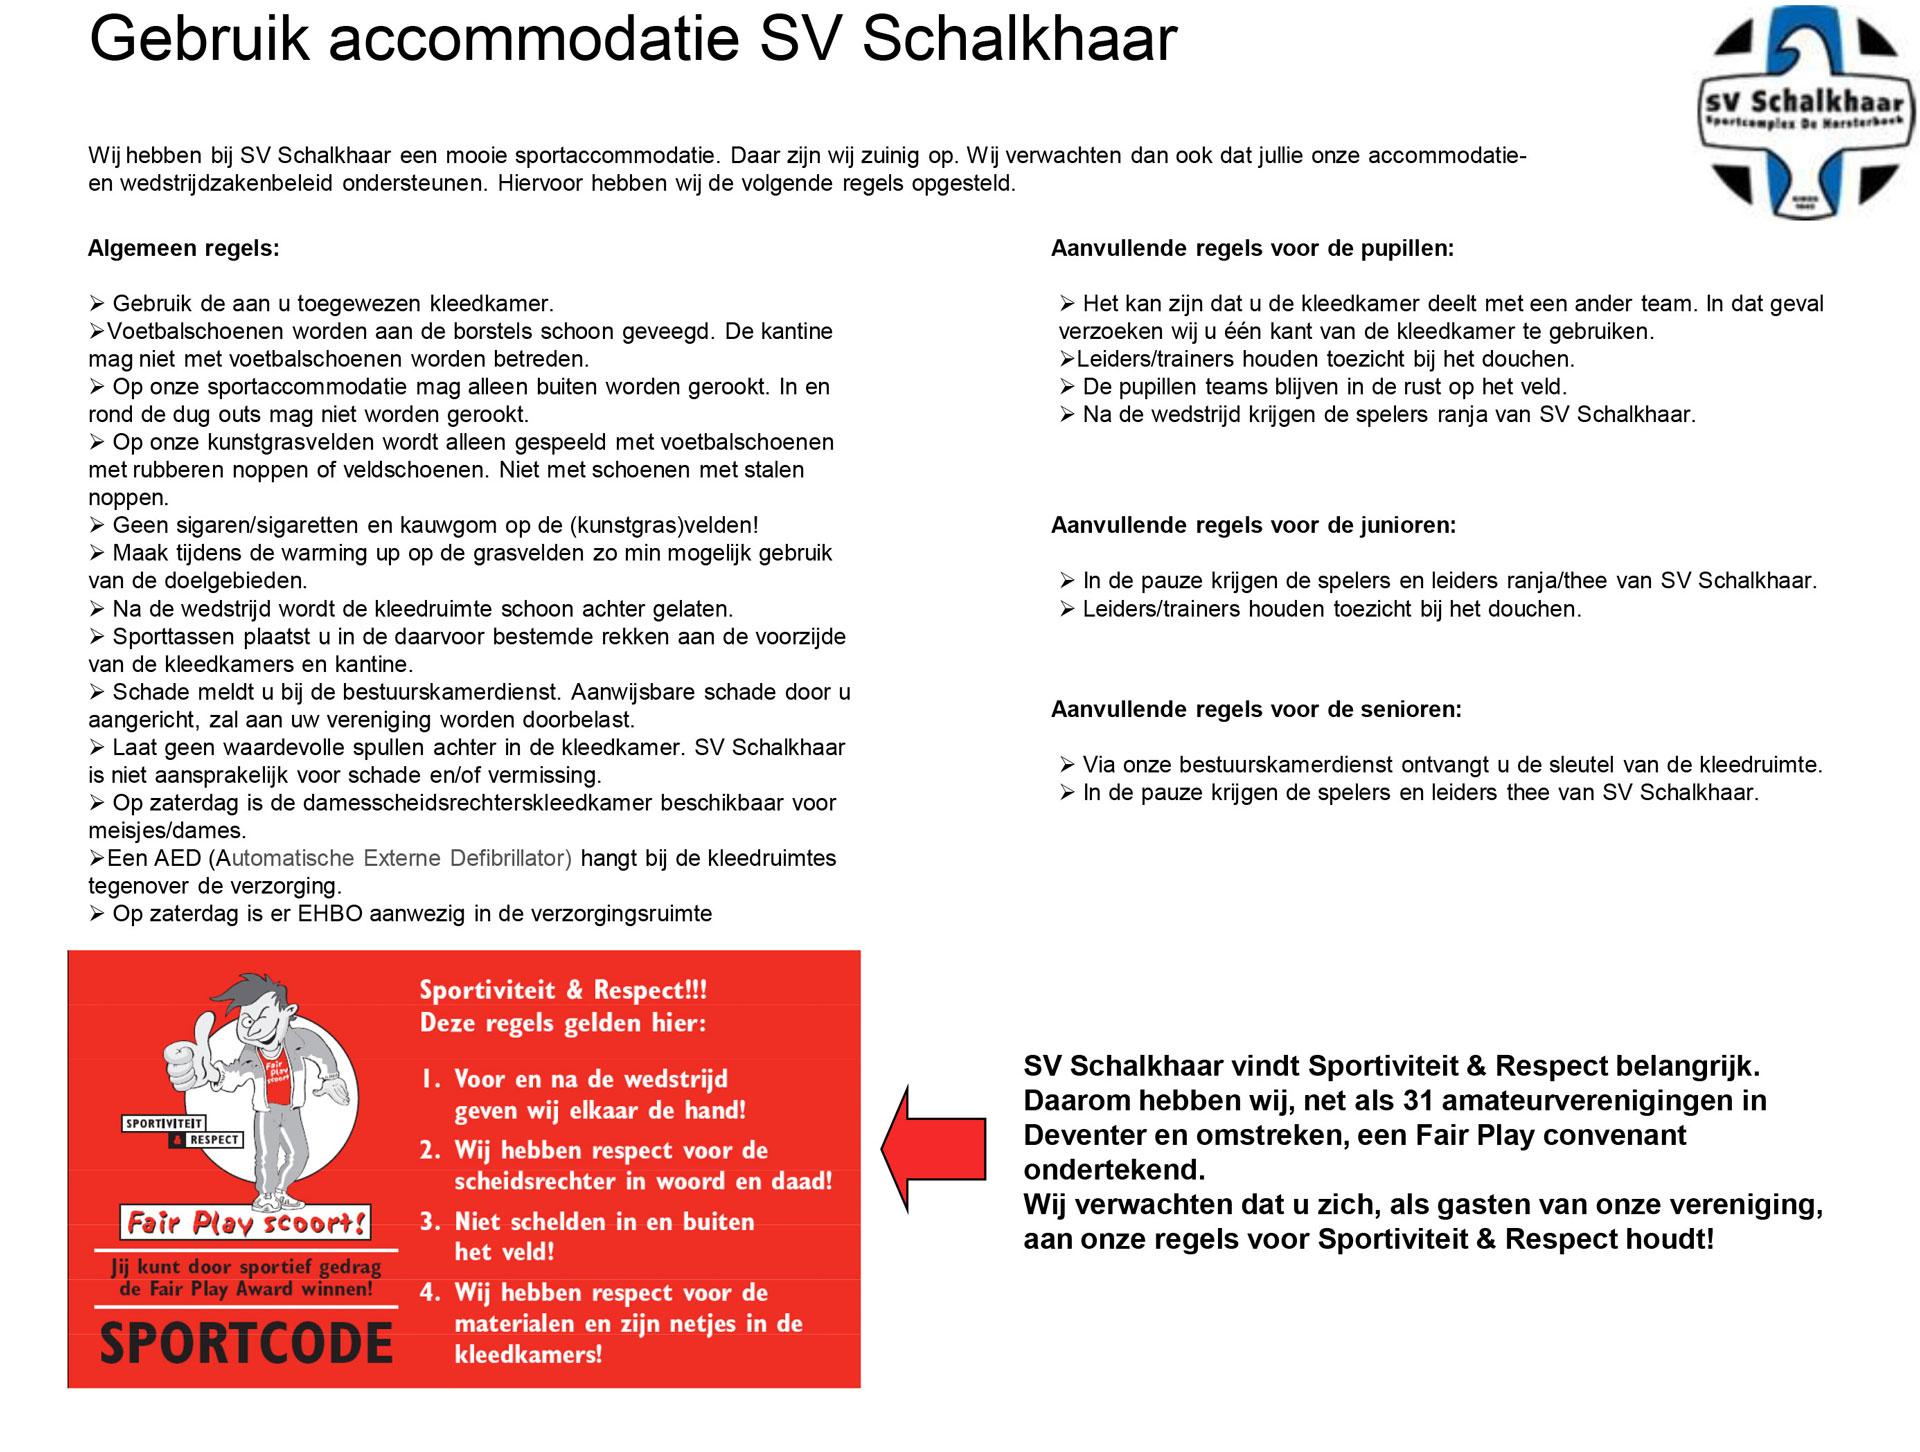 Gebruik Accommodatie SV Schalkhaar